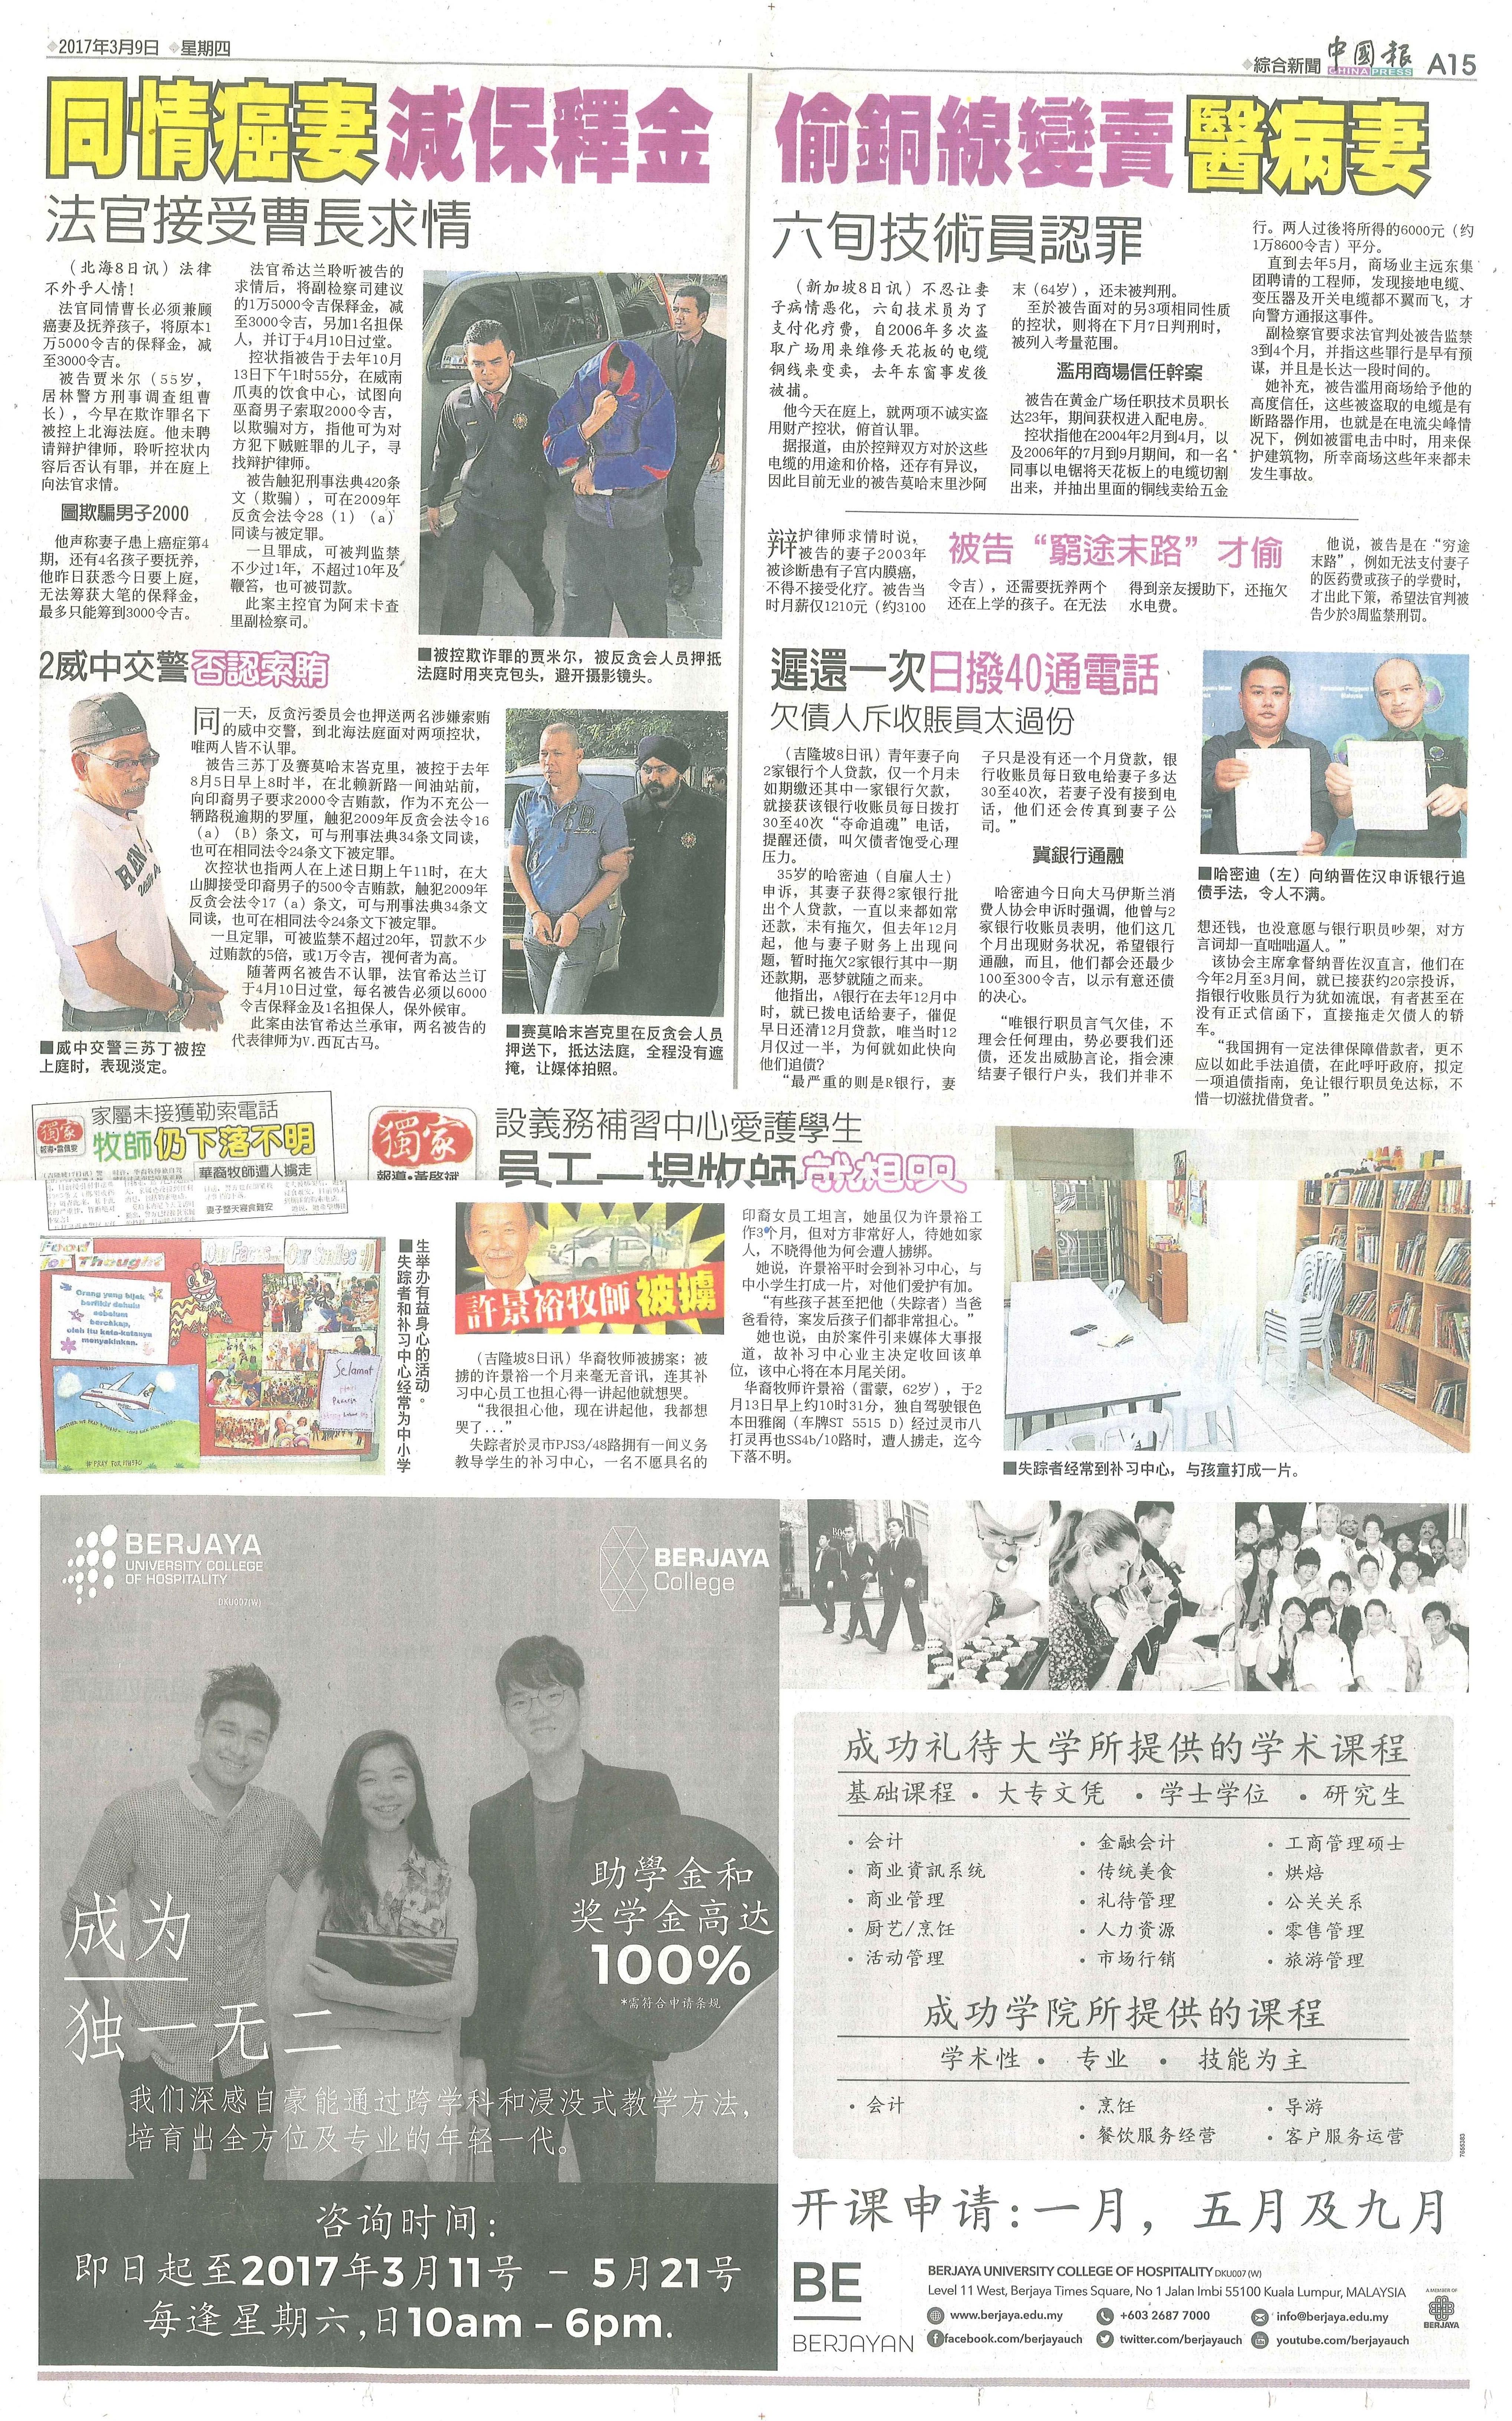 china press 9.3.2017